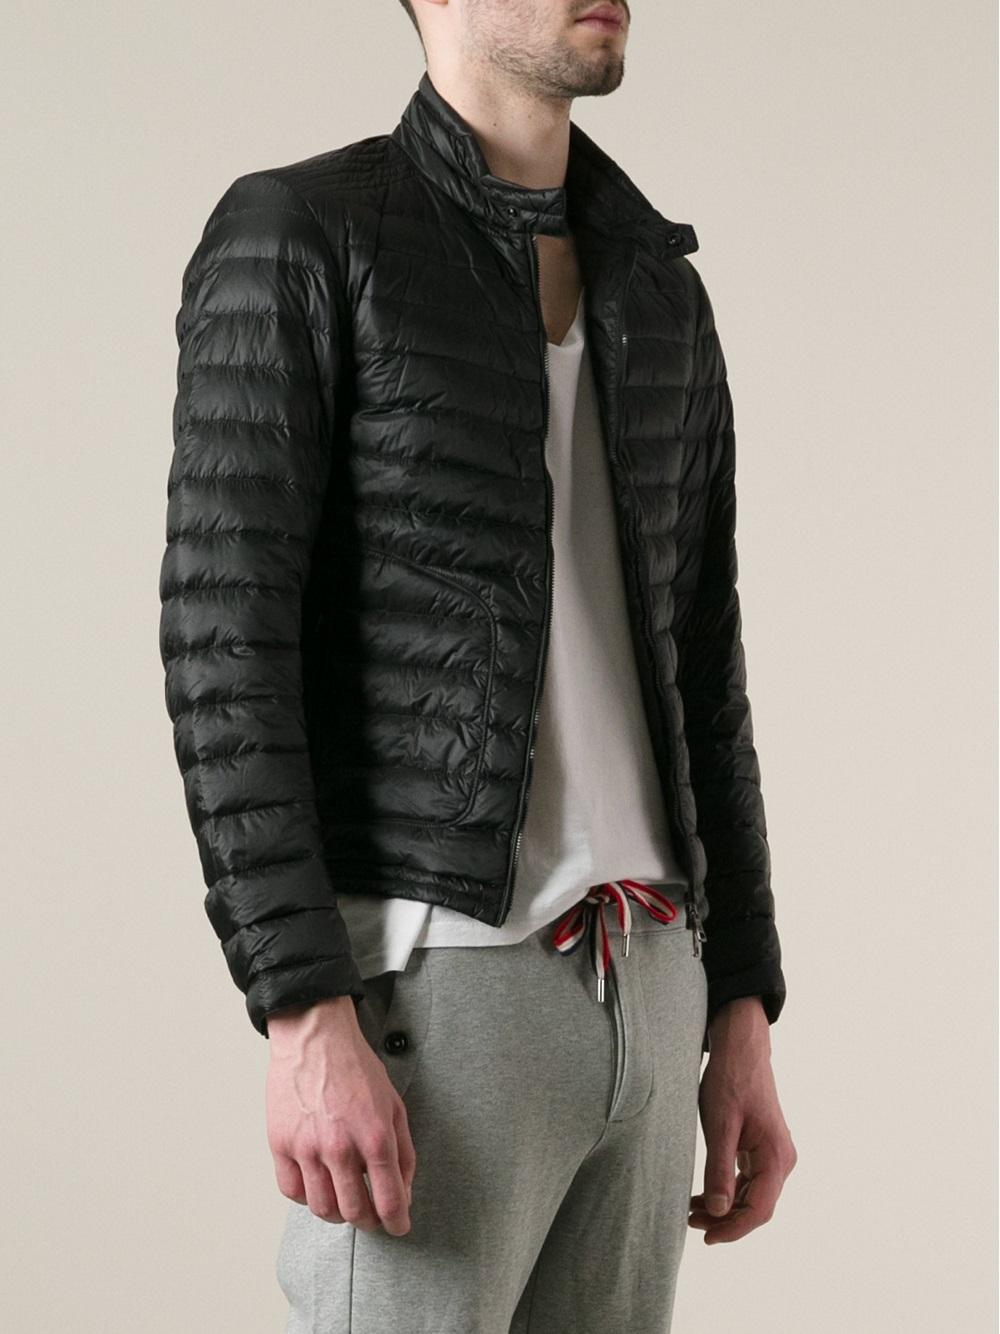 133efaf3a Lyst - Moncler Auguste Jacket in Black for Men